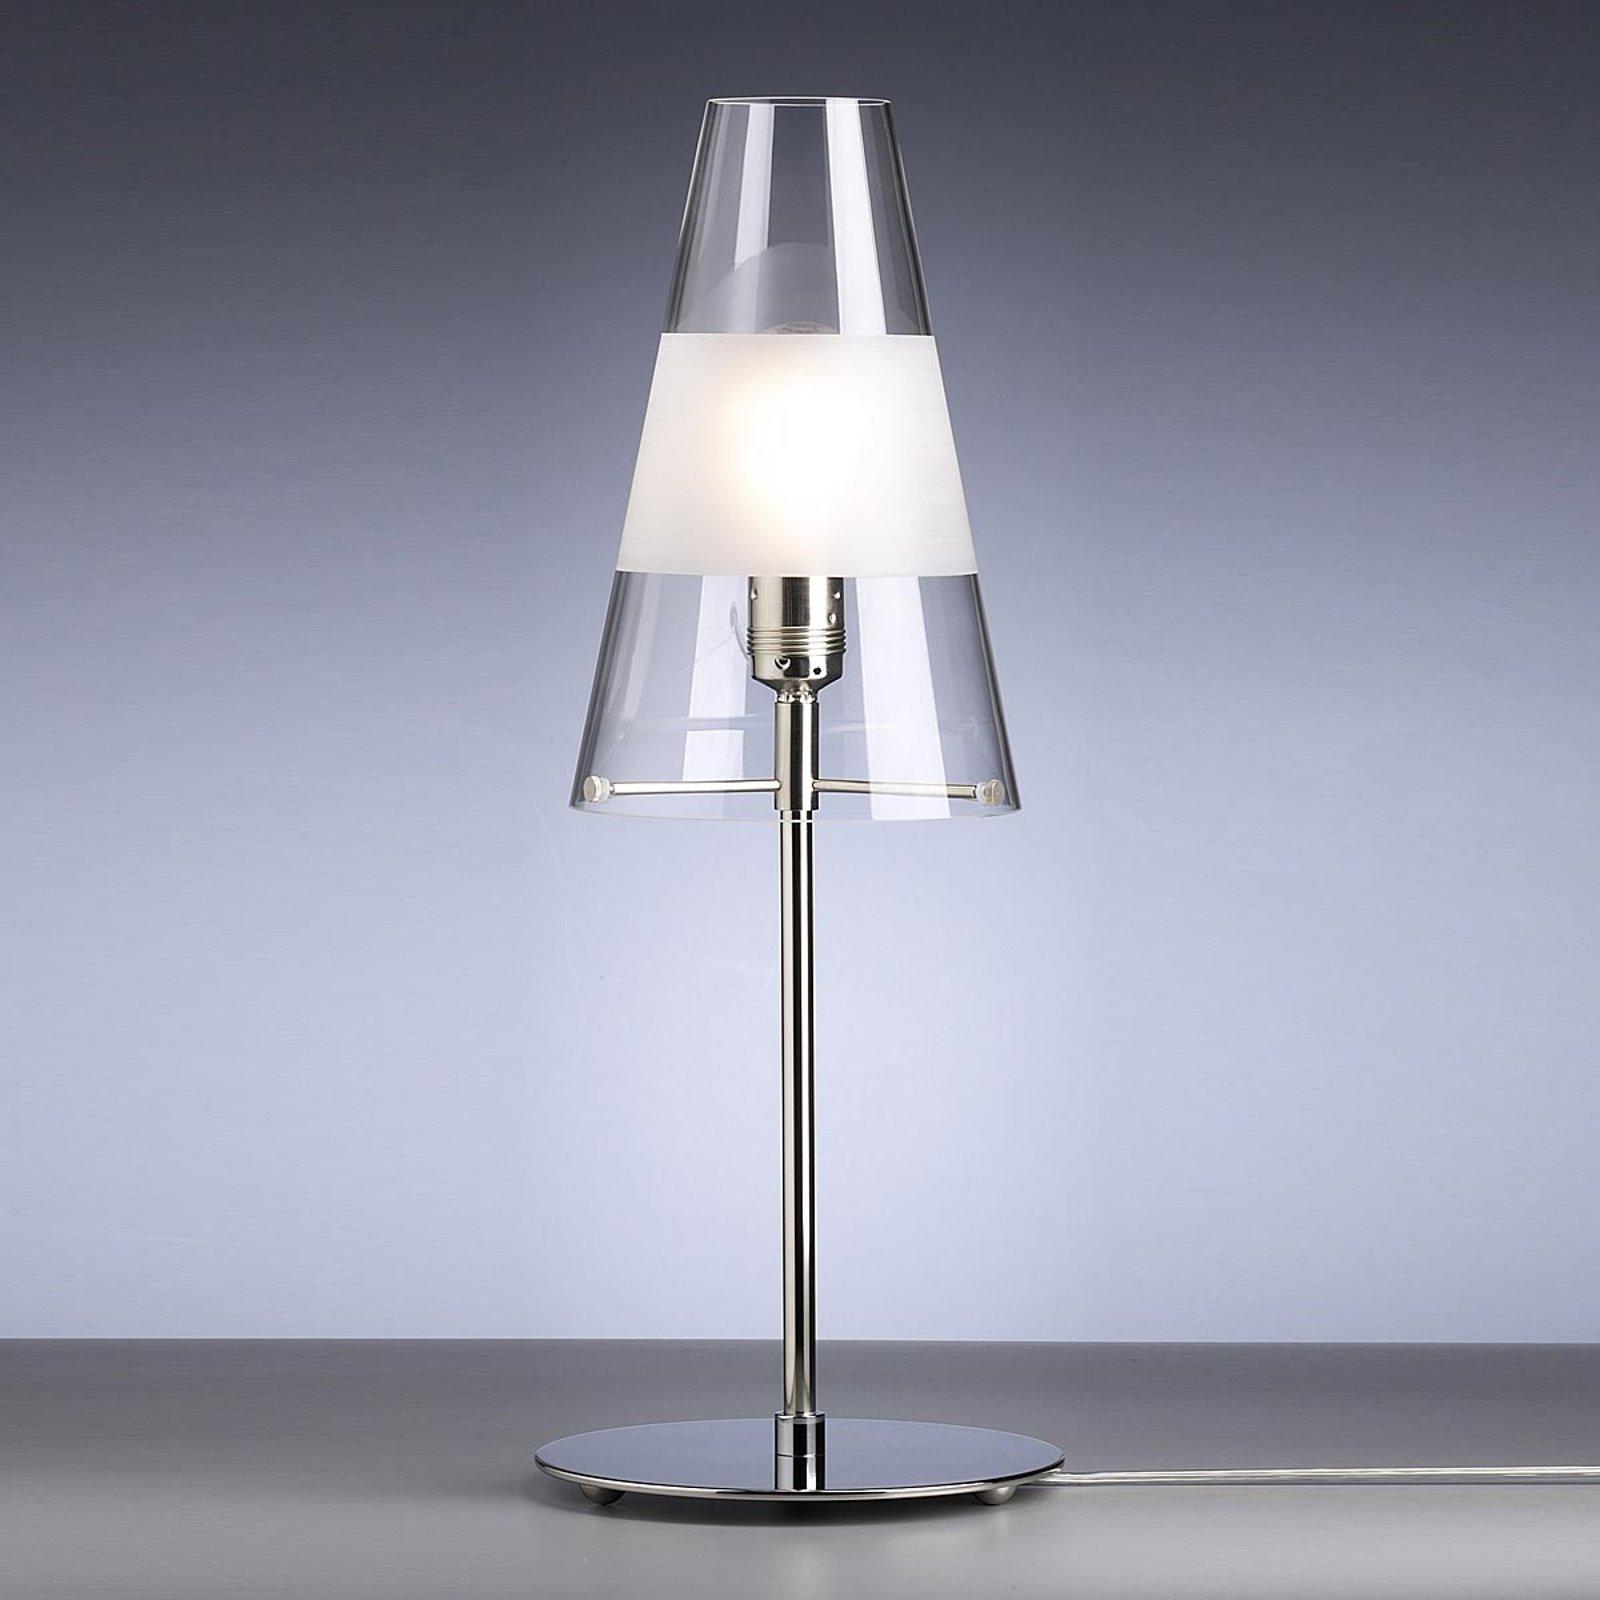 Bordlampe av Walter Schnepel klar med ring matt